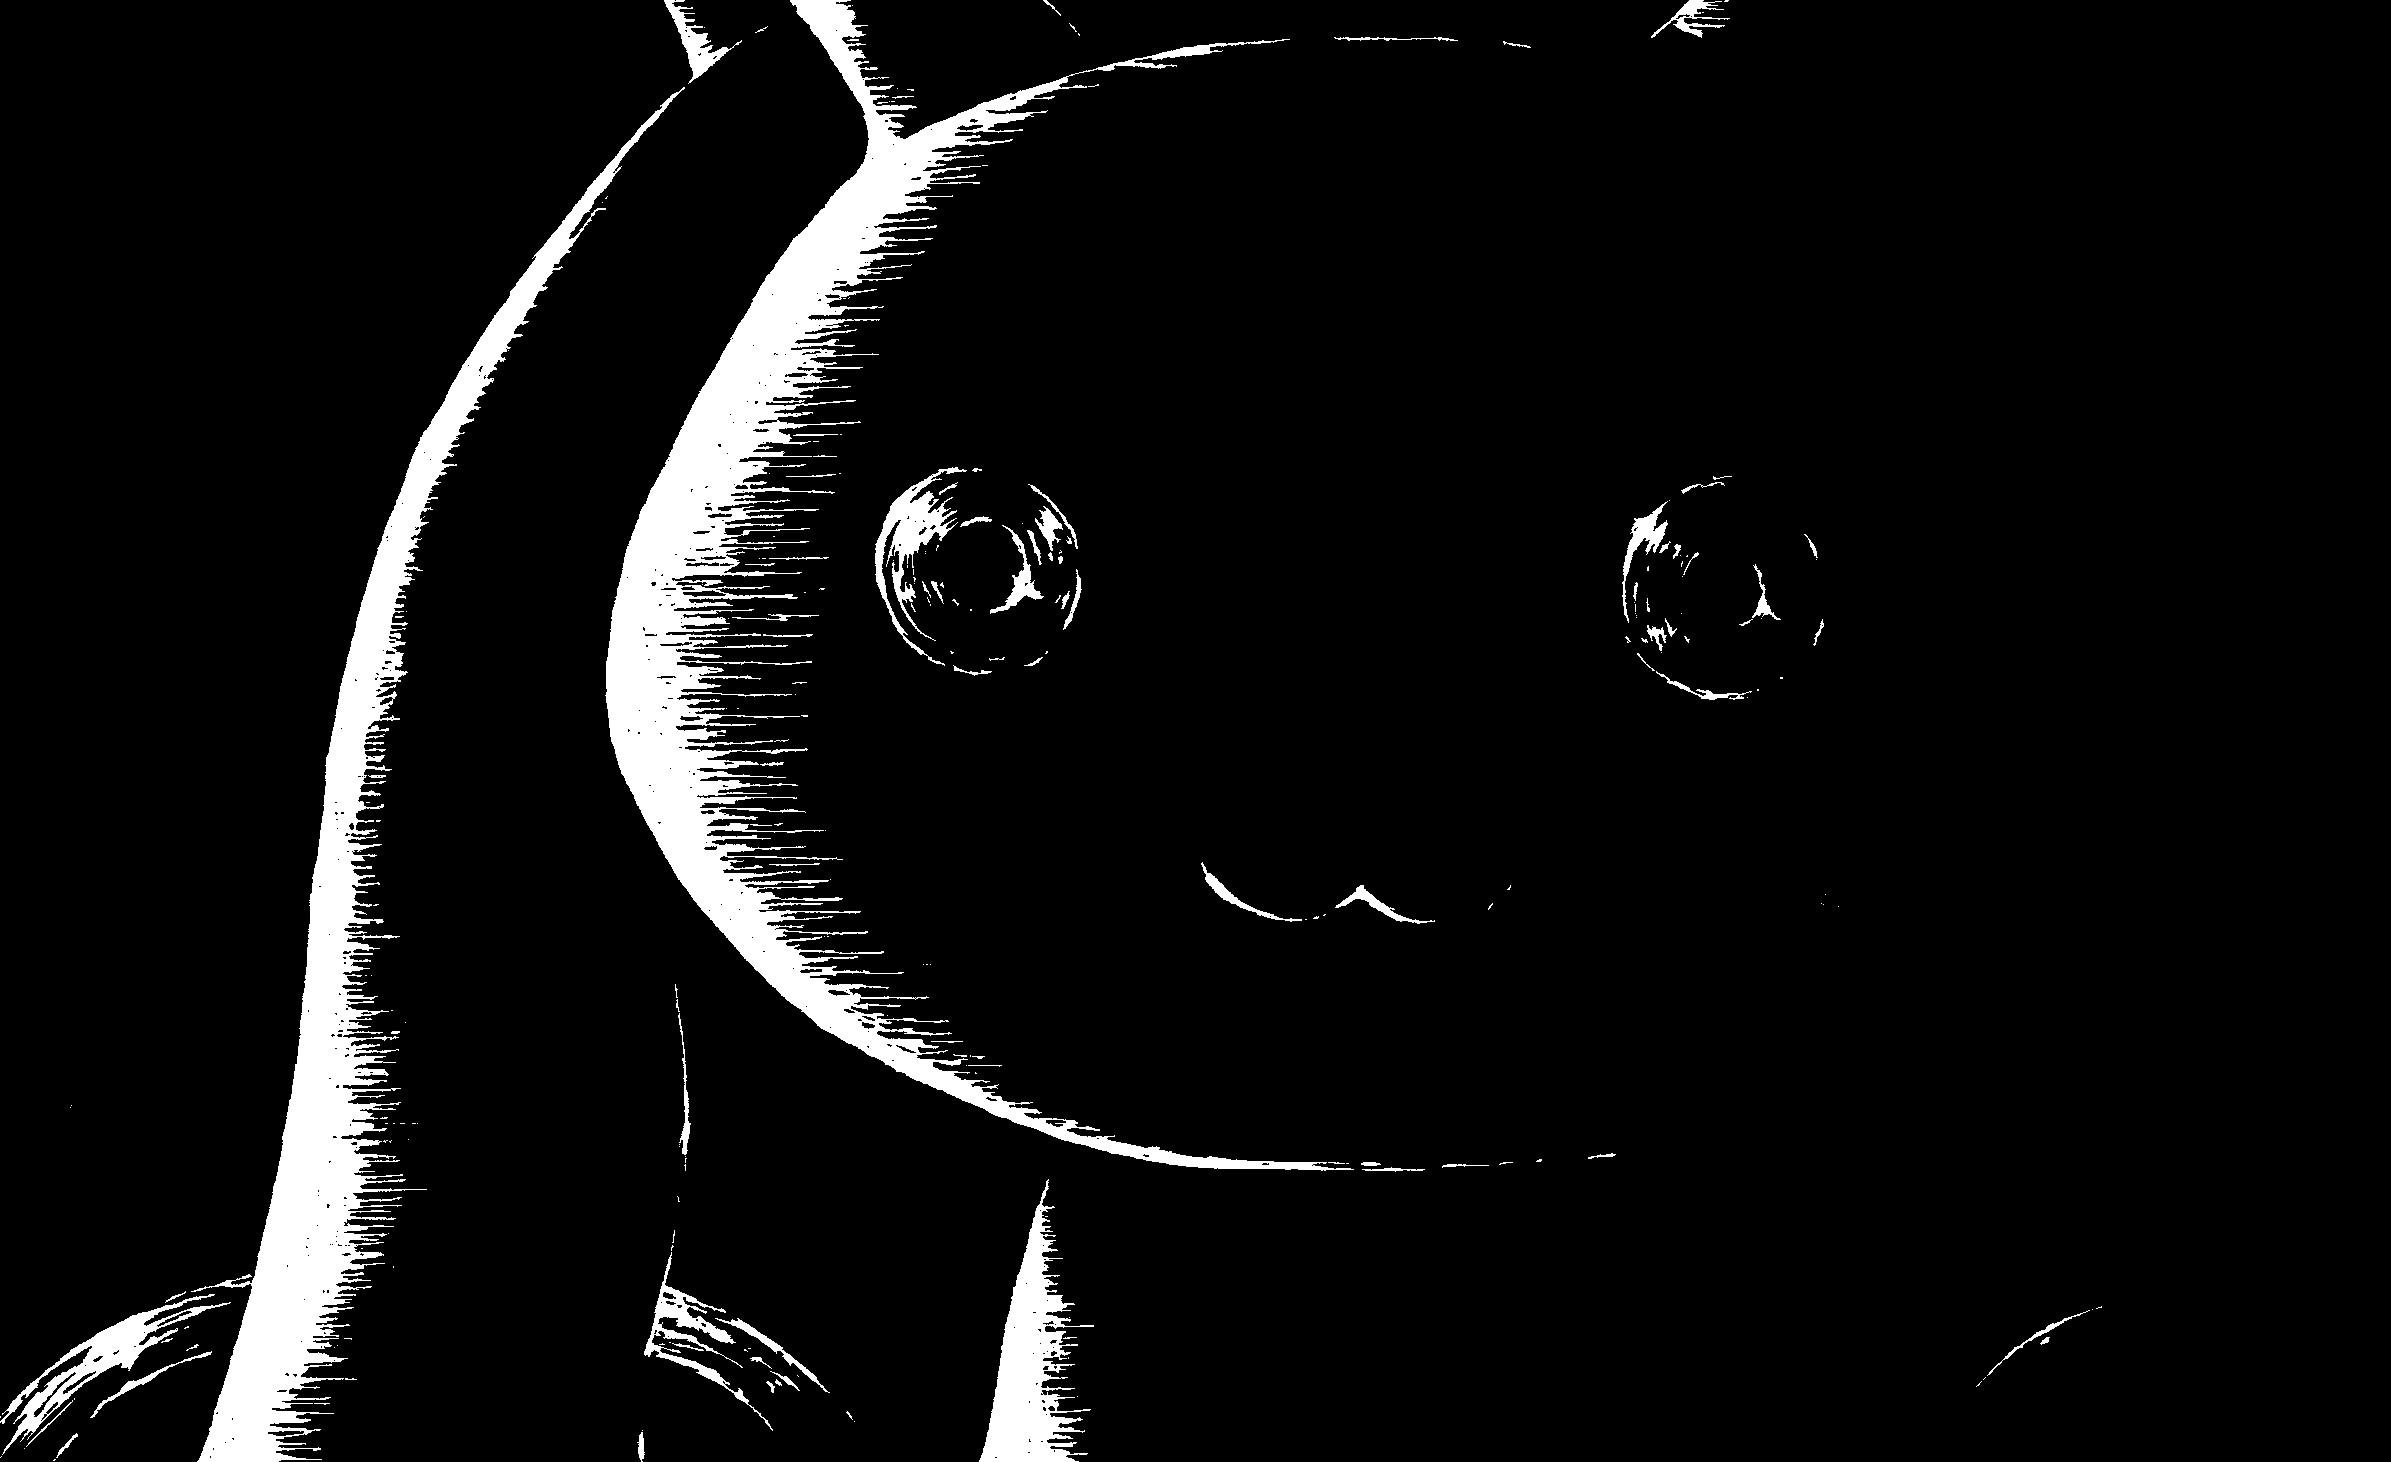 デスクトップ壁紙 図 アニメ 魔法少女まどかマギカ キュウベイ 闇 黒と白 モノクロ写真 フォント 2391x1462 Service1security デスクトップ壁紙 Wallhere